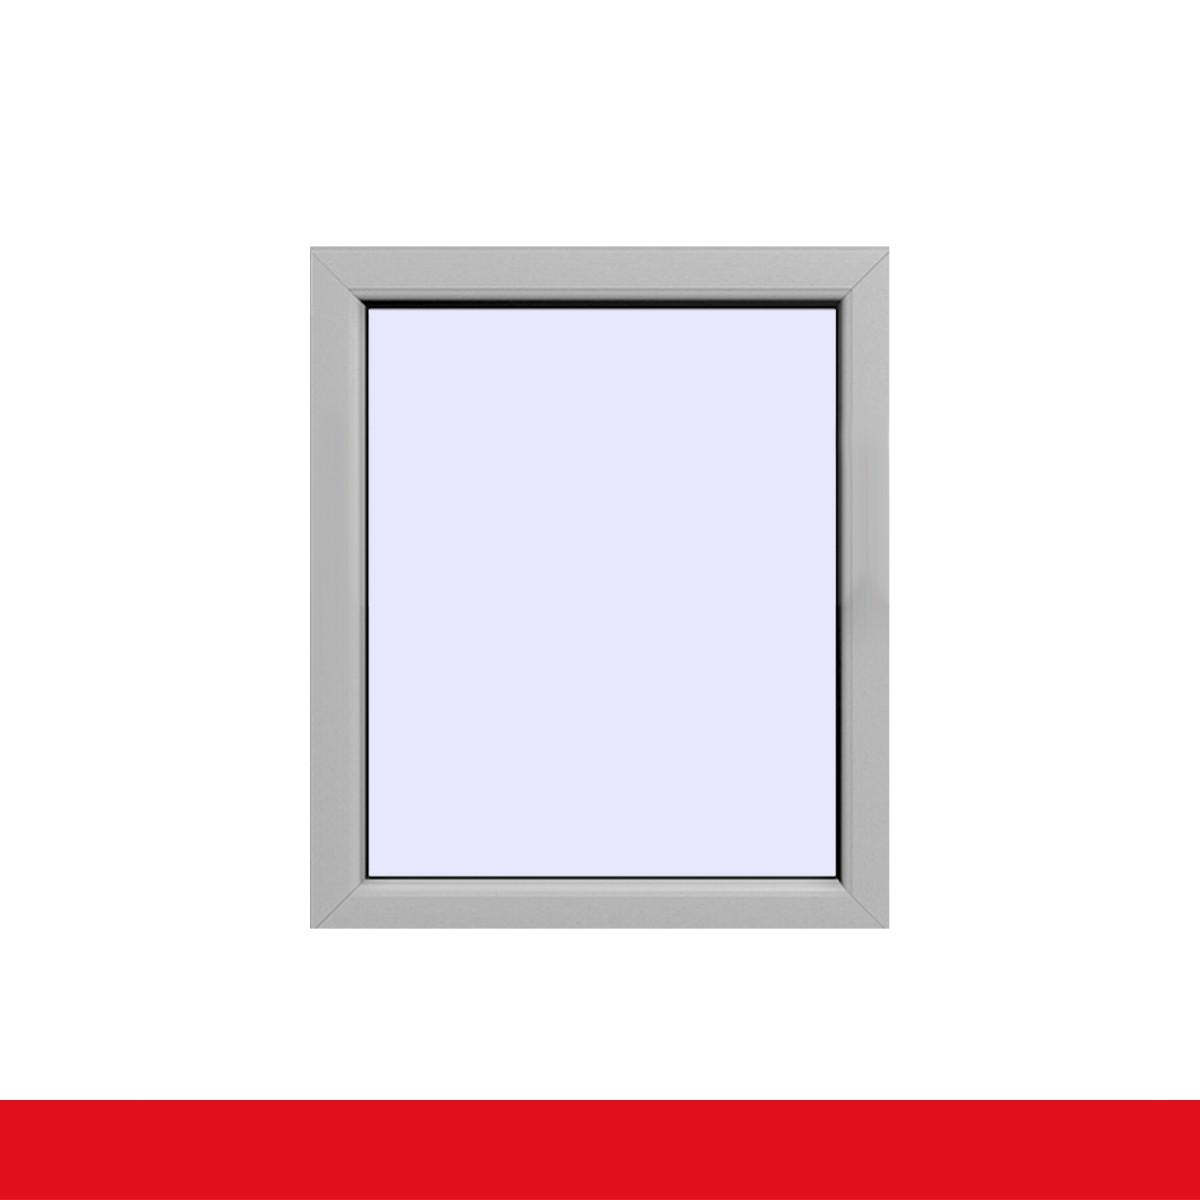 Festverglasung Fenster Silber D beidseitig 1 flg. Fest im Rahmen ...